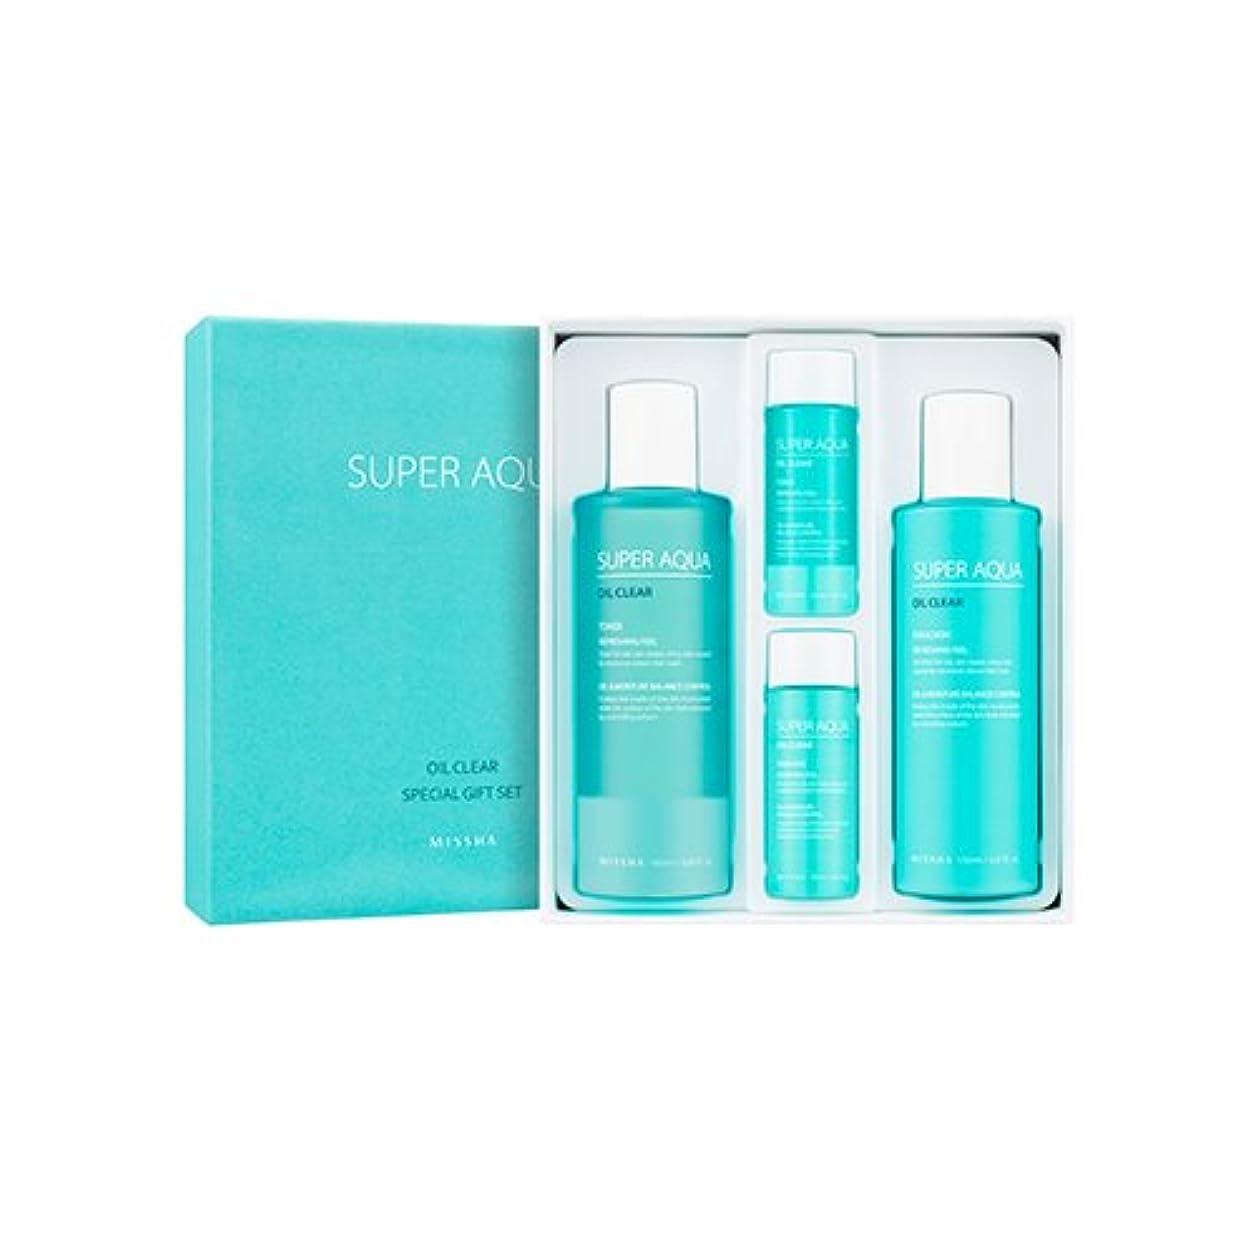 お客様血親指MISSHA Super Aqua Oil Clear Special Gift Set/ミシャ スーパーアクアオイルクリアスペシャルギフトセット [並行輸入品]